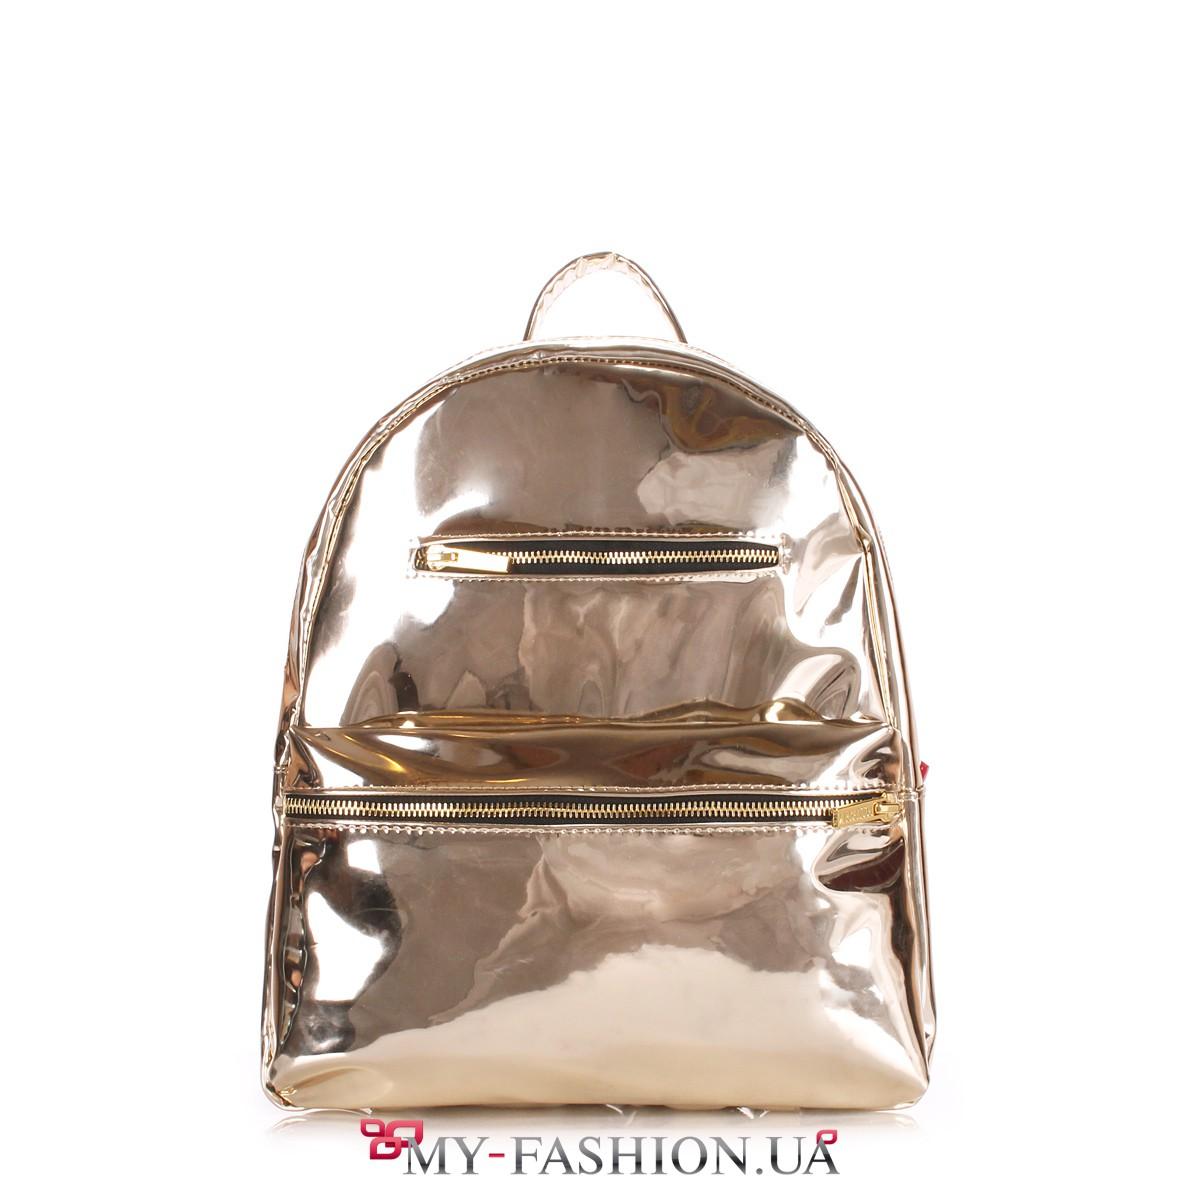 7ef841bd52c2 Стильный рюкзак золотого цвета купить в интернет магазине в Киеве ...